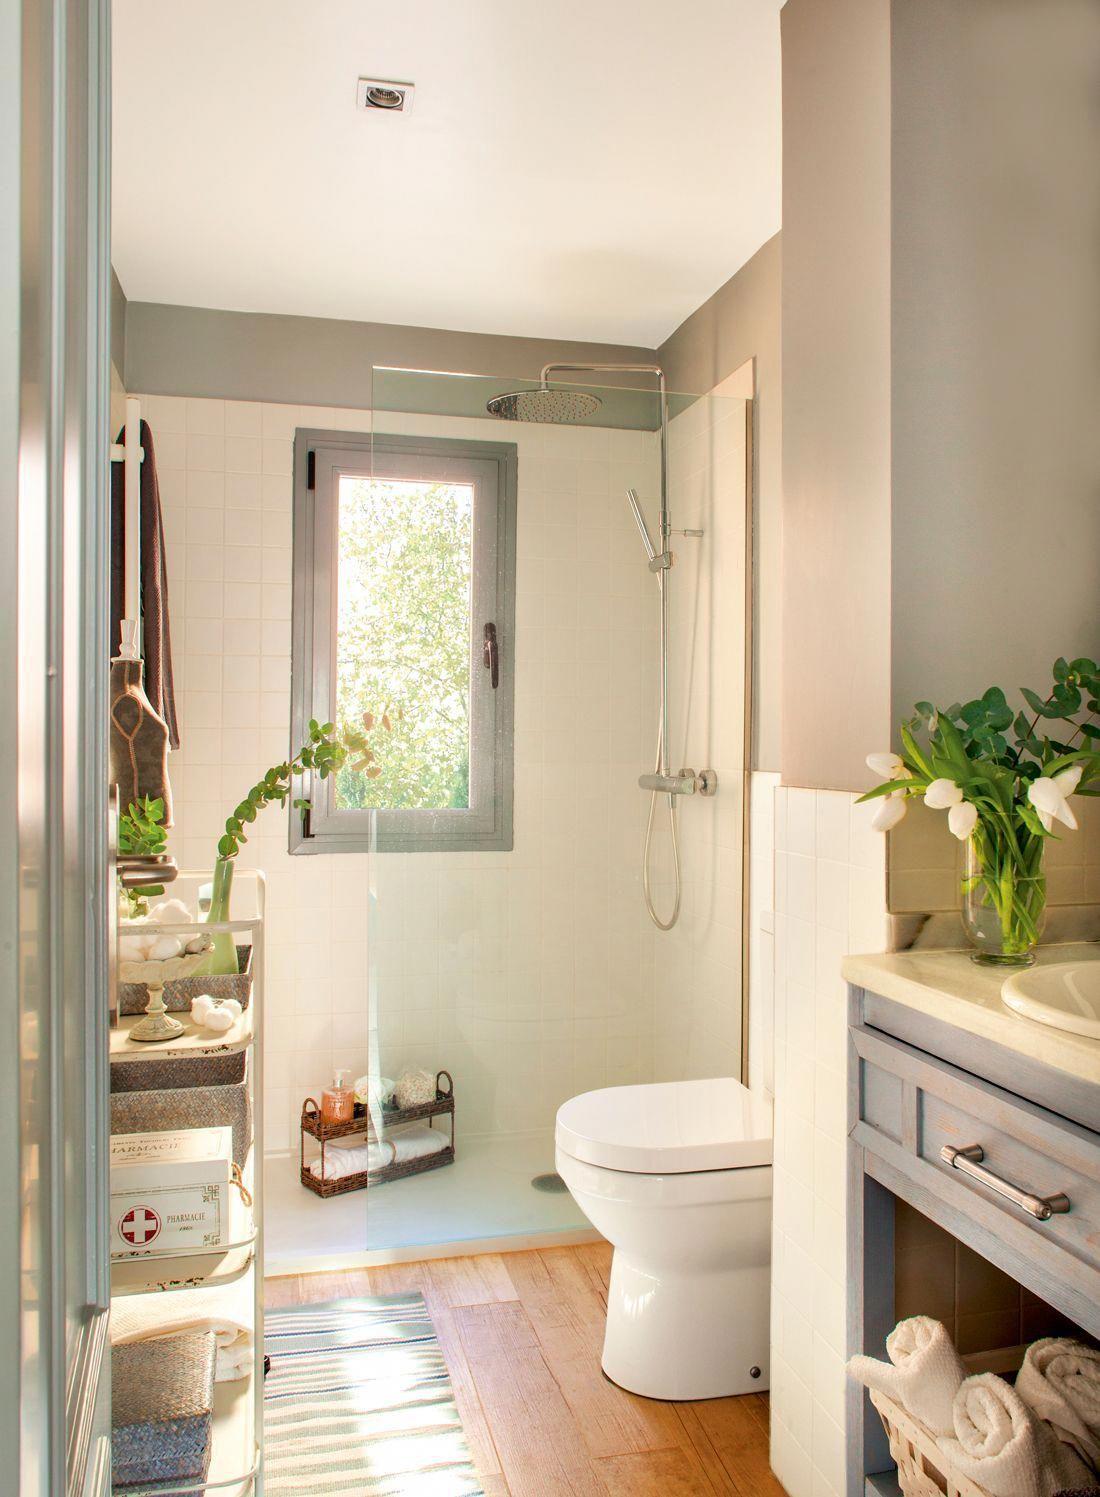 00401119 Baño Estrecho Y Alargado Con Ducha Al Fondo Wc Y Mueble Bajolavabo De Madera Gris Y Estantería De Hierro Exent Zen Bathroom Bathroom Bathroom Design